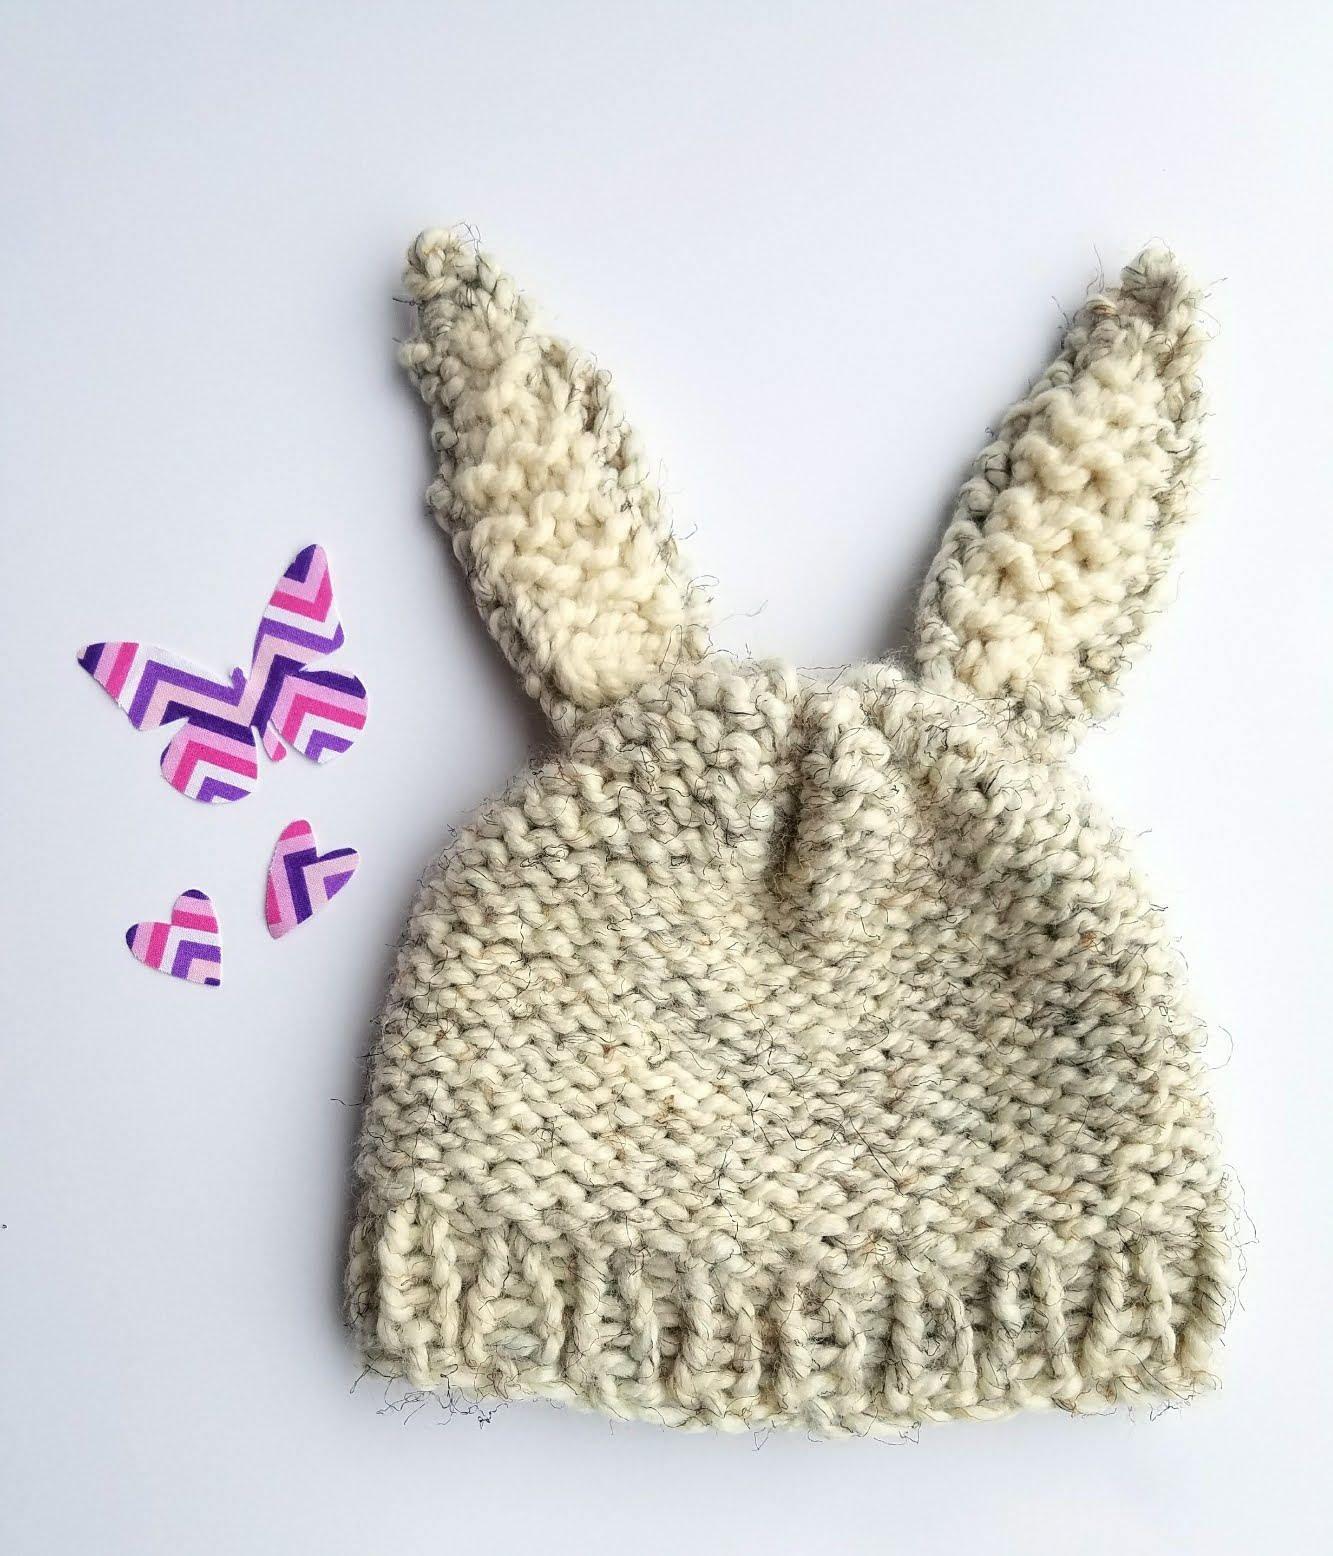 e64512209e3 Knit Bunny Hat